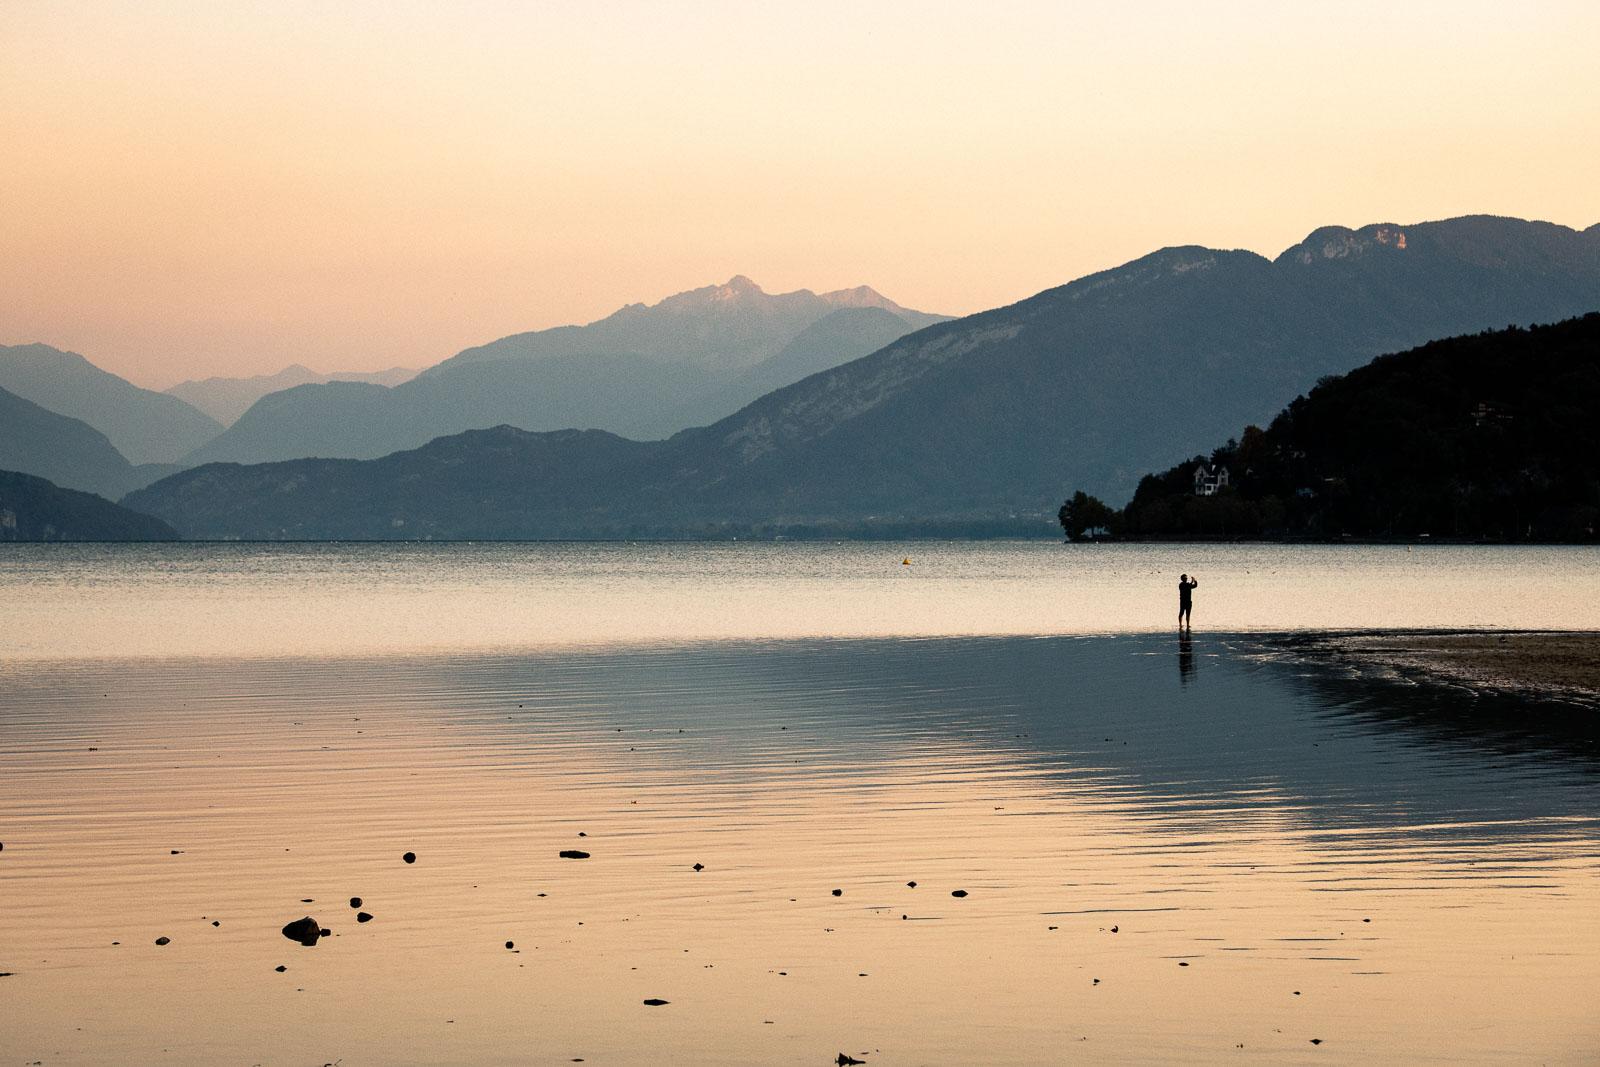 Passant photographiant le faible niveau d'eau du lac d'Annecy